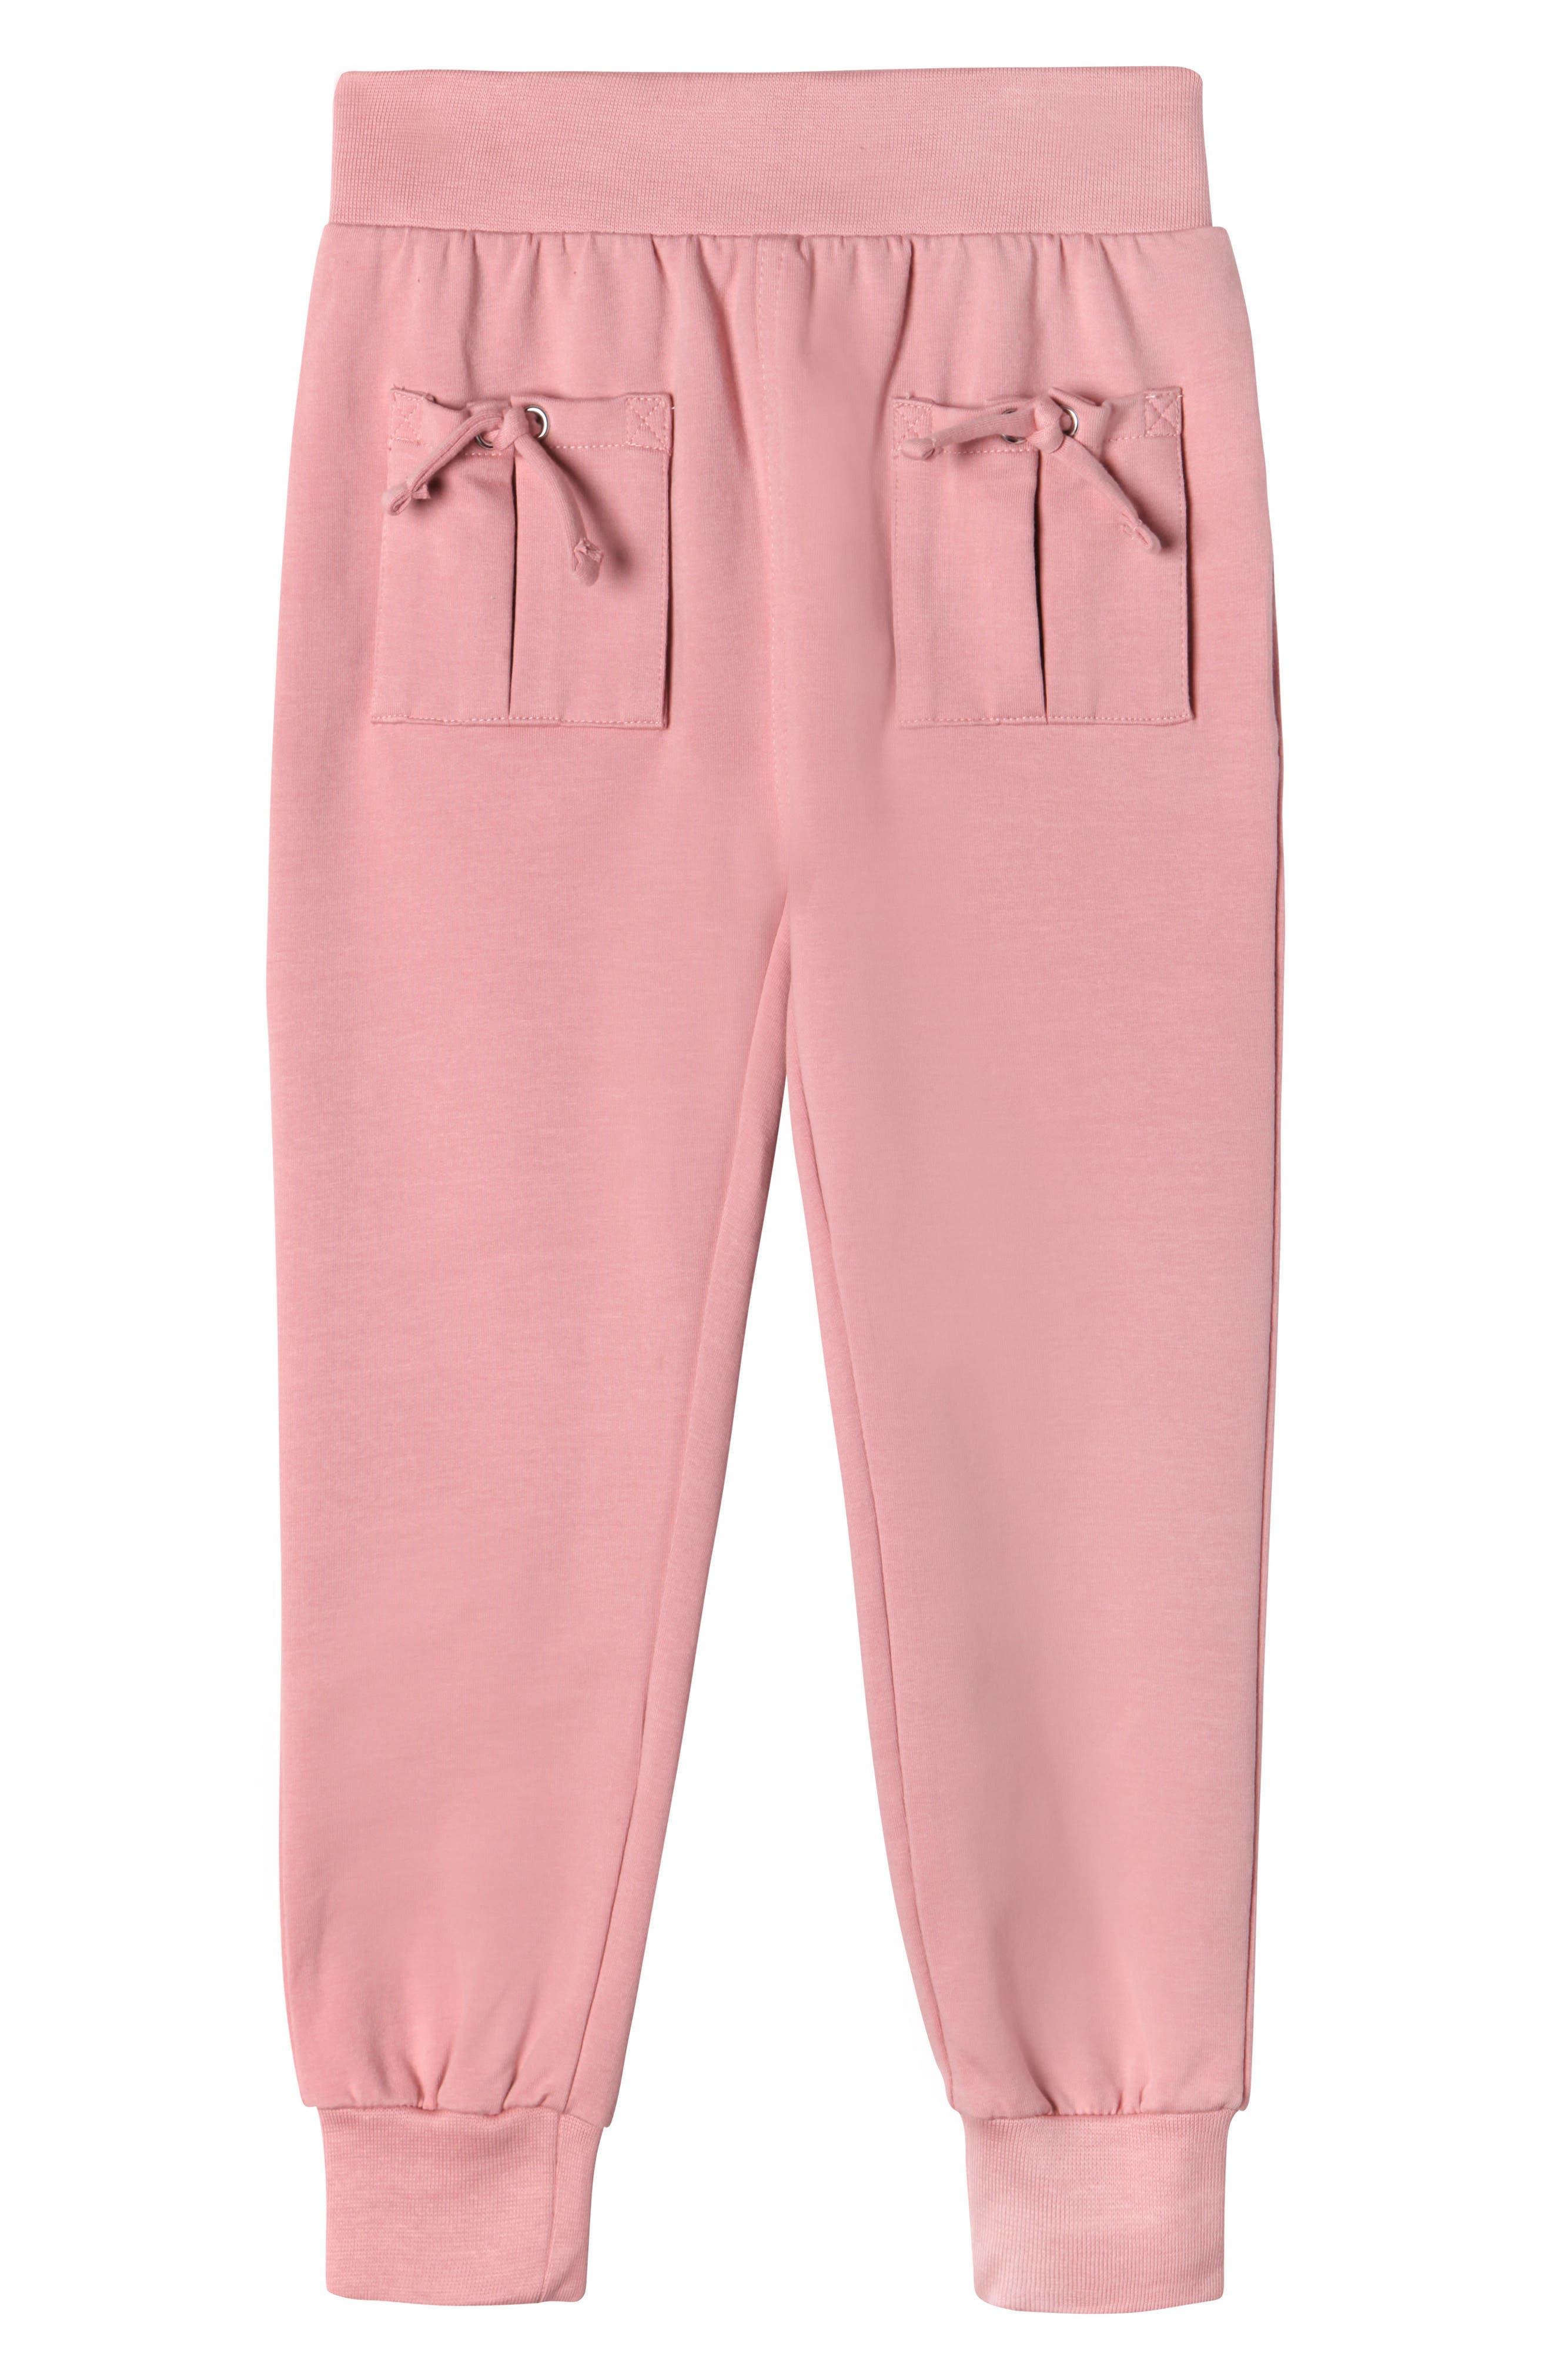 Aubrey Tie Pocket Sweatpants,                             Main thumbnail 1, color,                             Rose